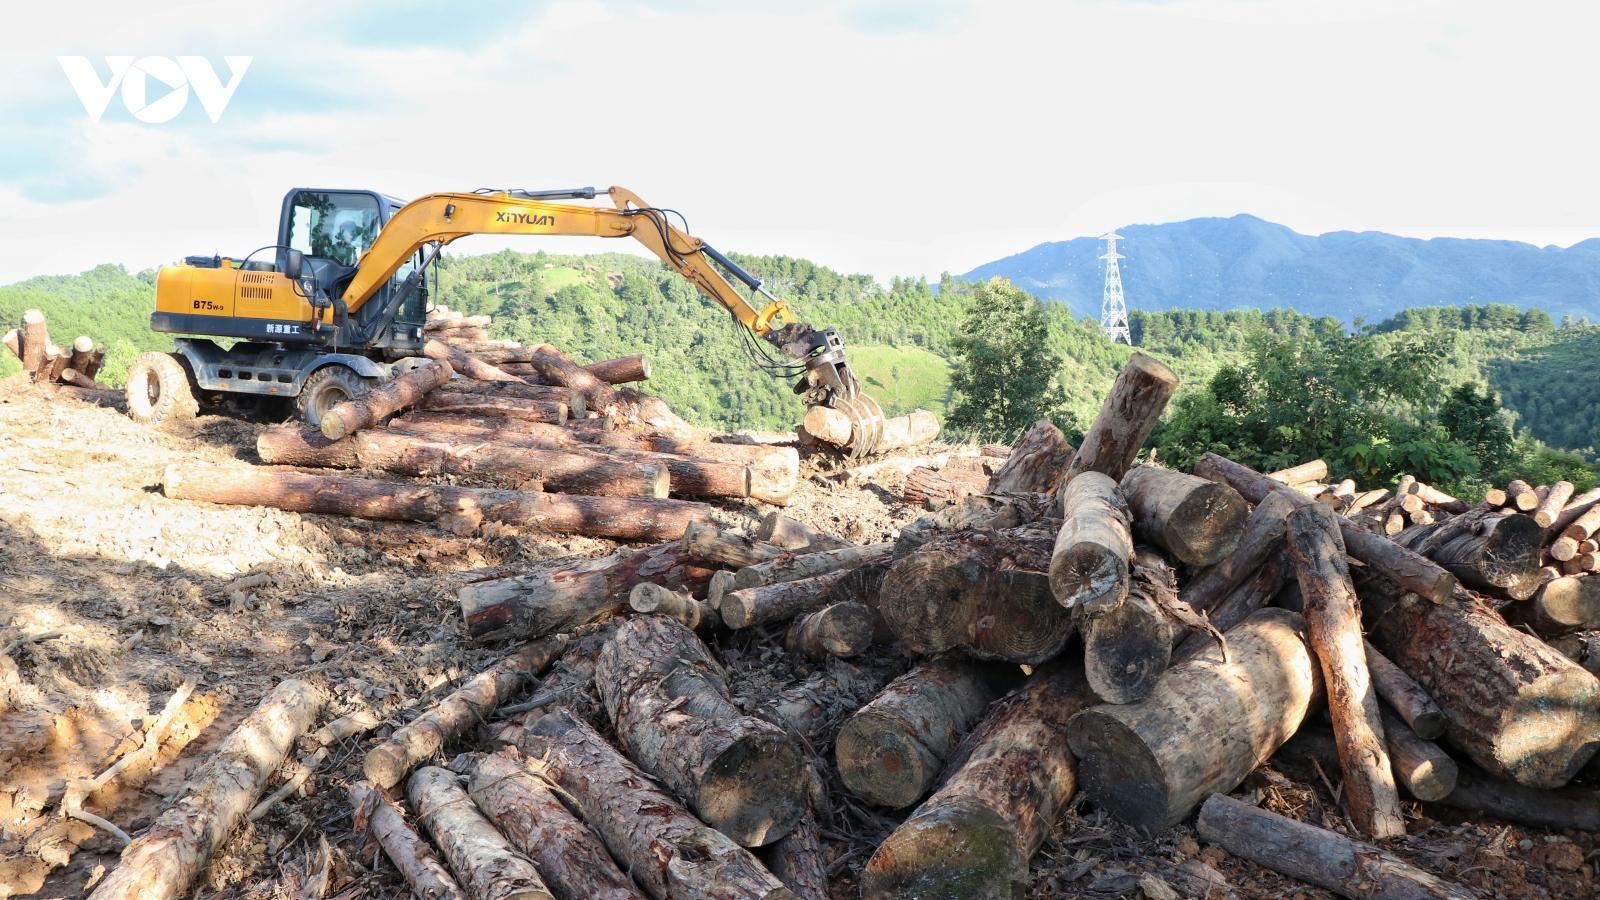 Tạm đình chỉ Hạt trưởng Hạt Kiểm lâm Tuần Giáo liên quan việc phá rừng phòng hộ